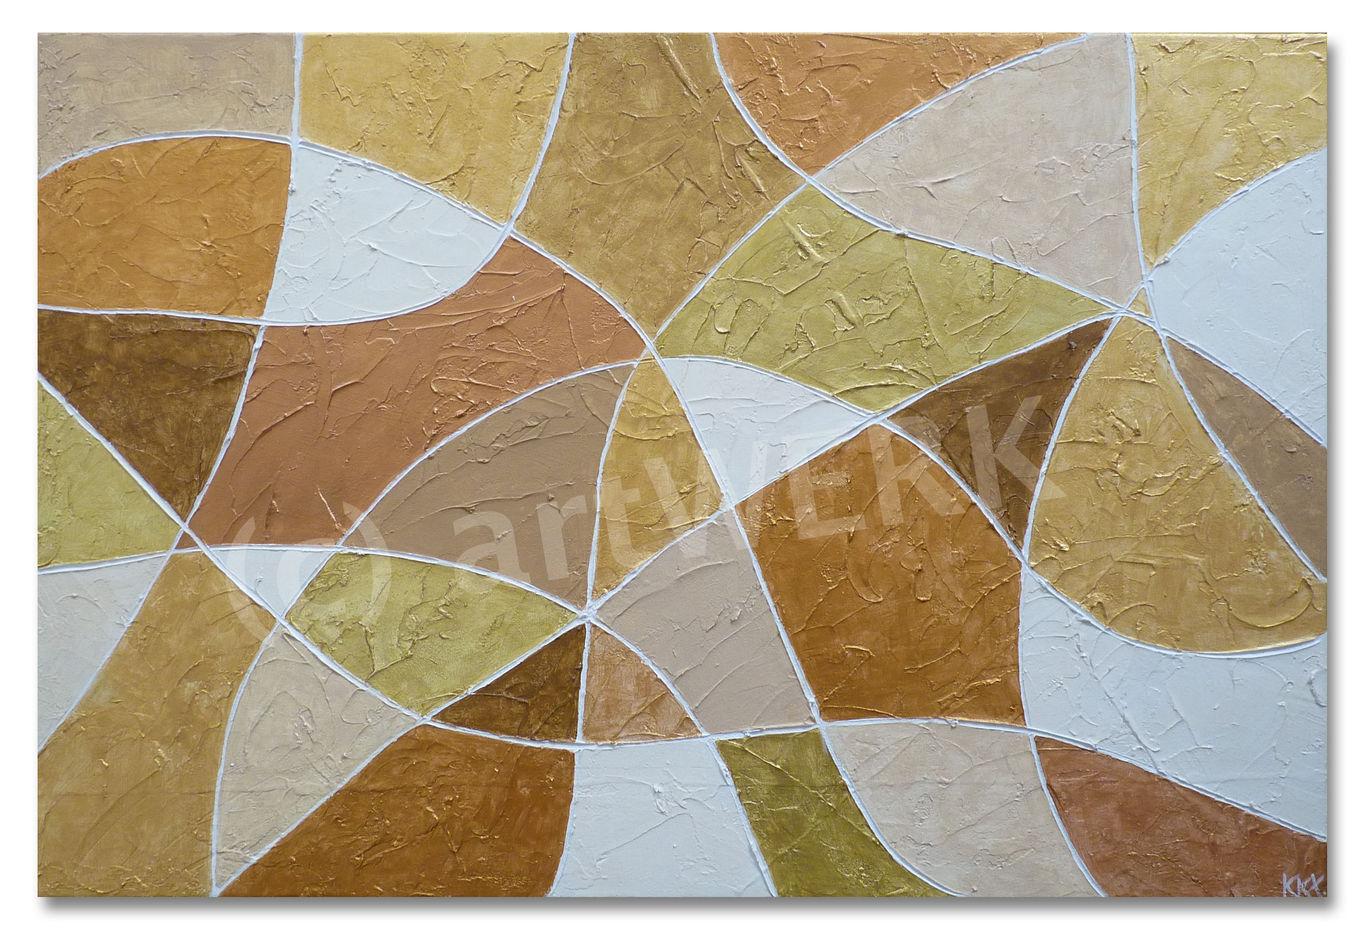 Lebensmosaik / Mosaic of life